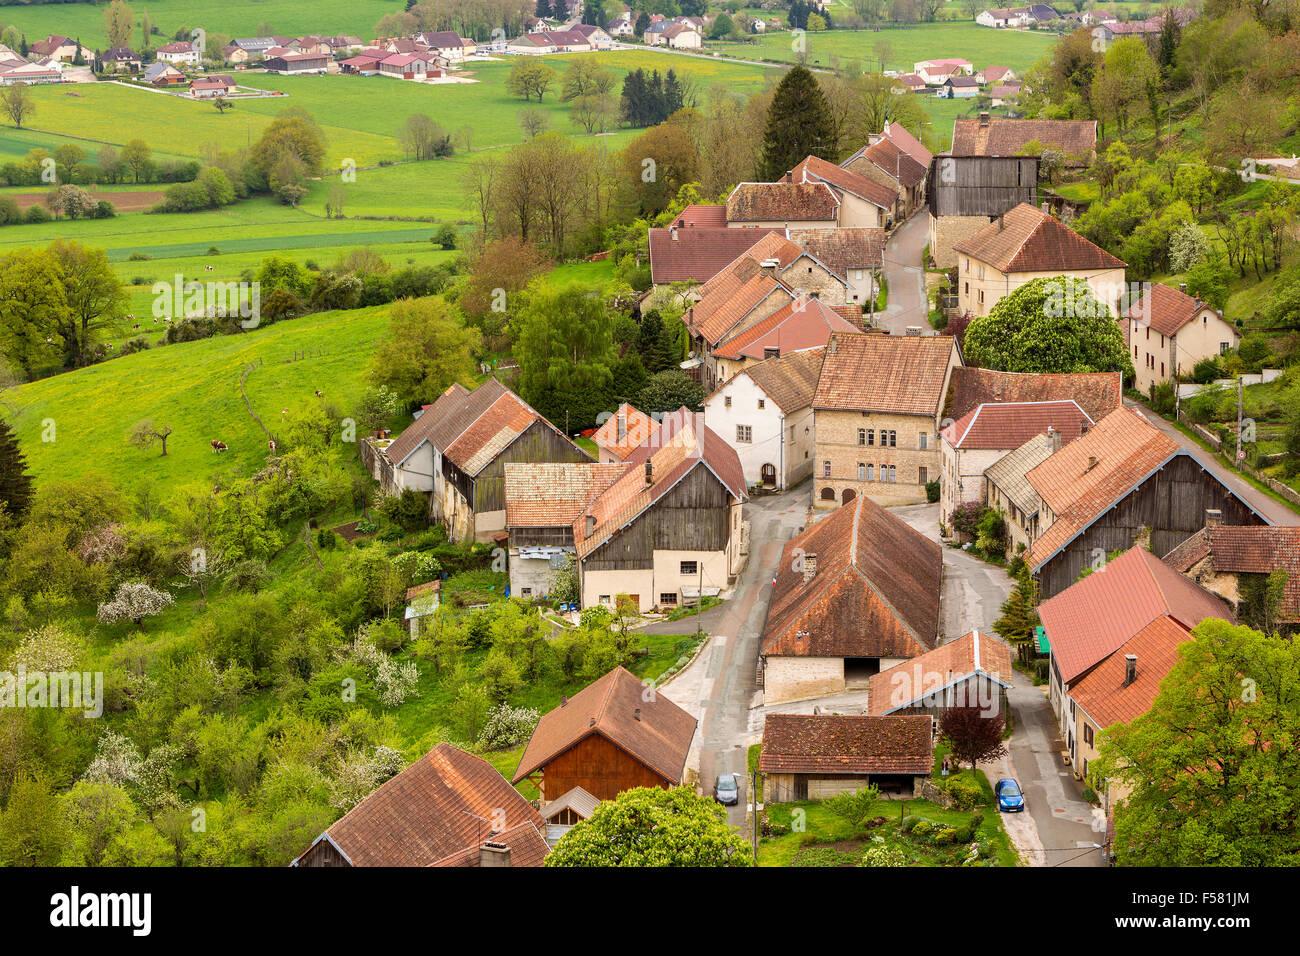 Chateau de Belvoir, Doubs, Franche-Comté, France, Europe. - Stock Image